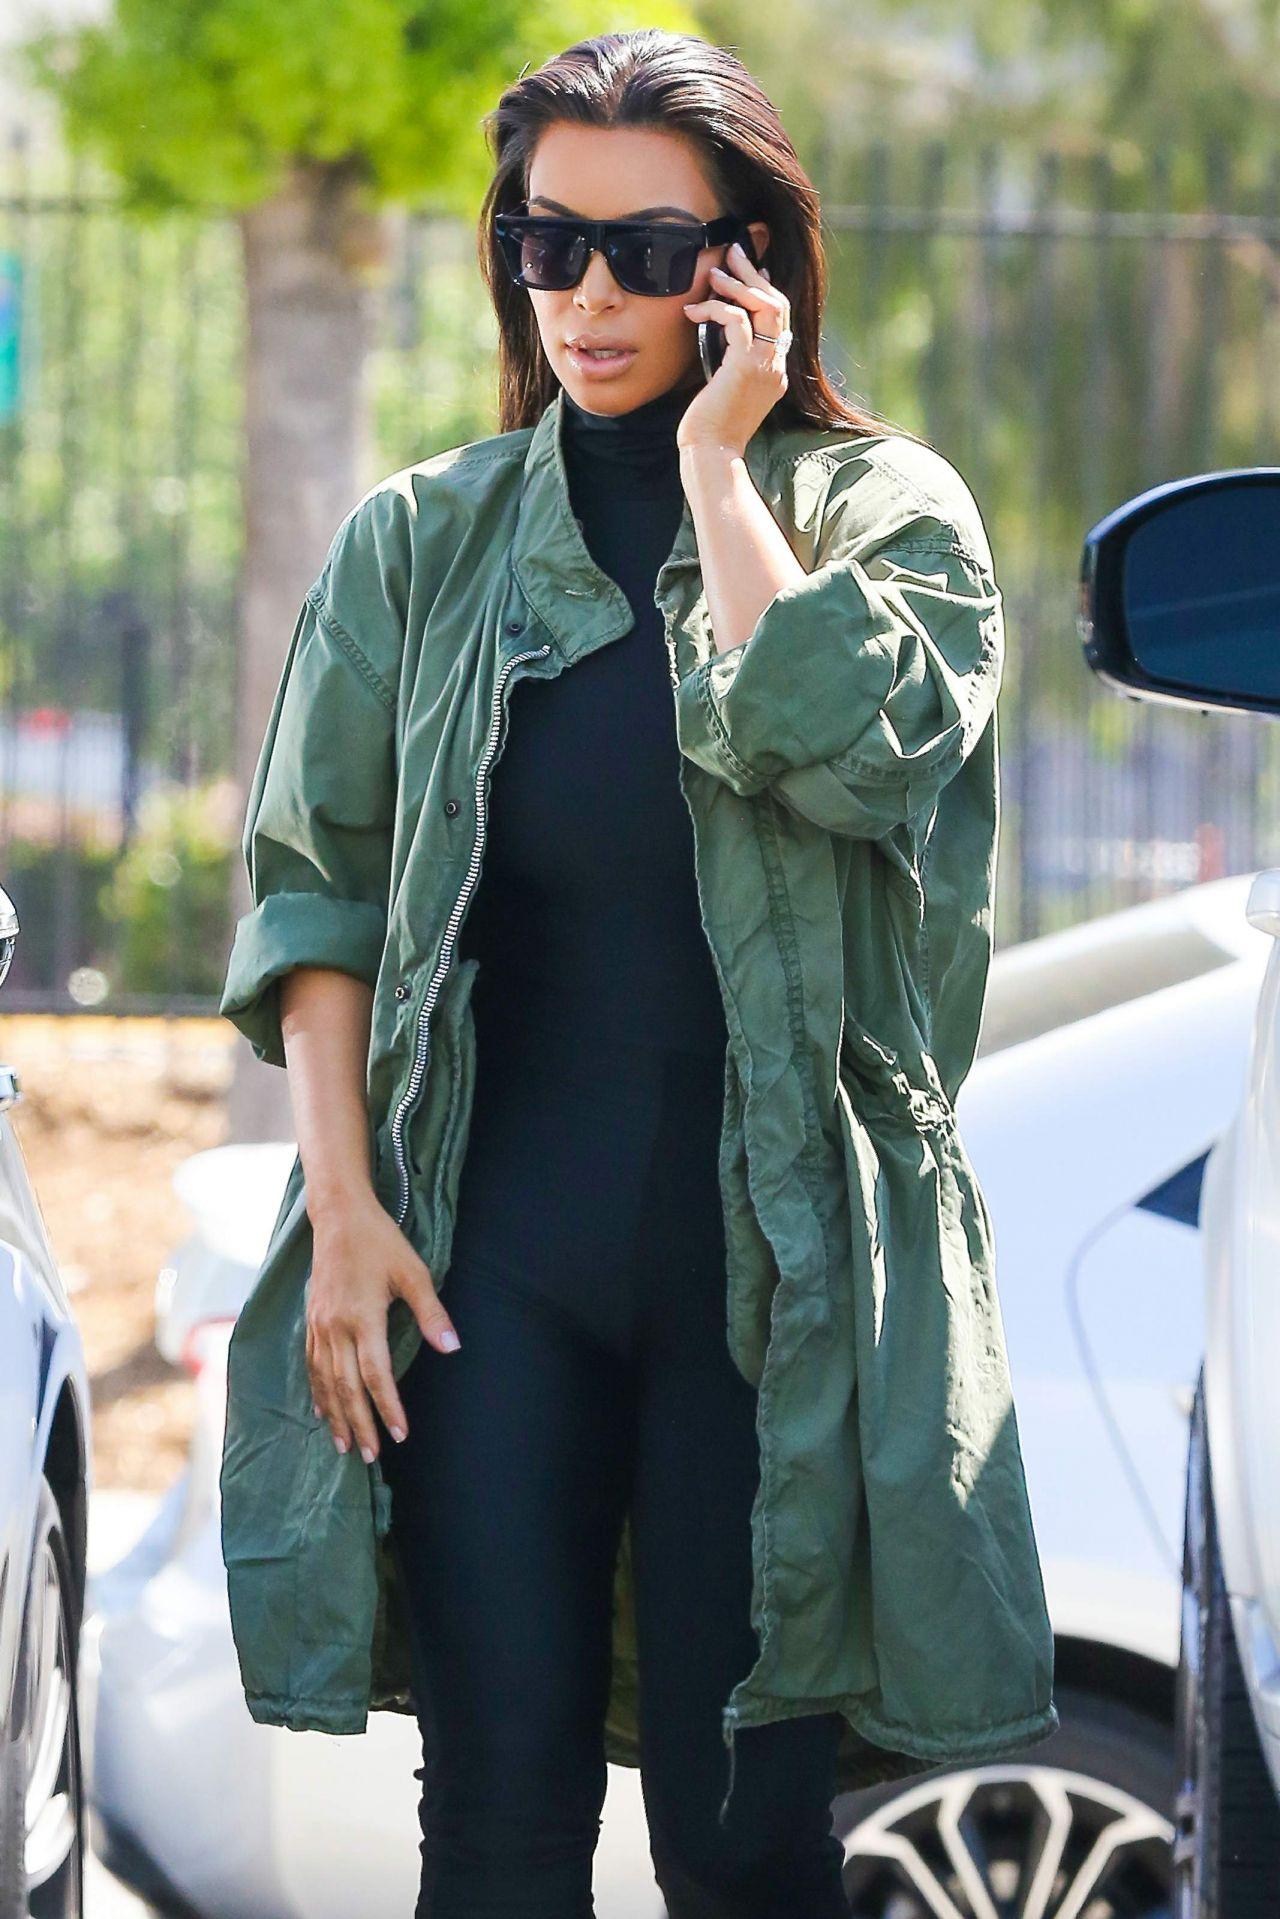 Kim Kardashian Street Style Out In Glendale 4 1 2016